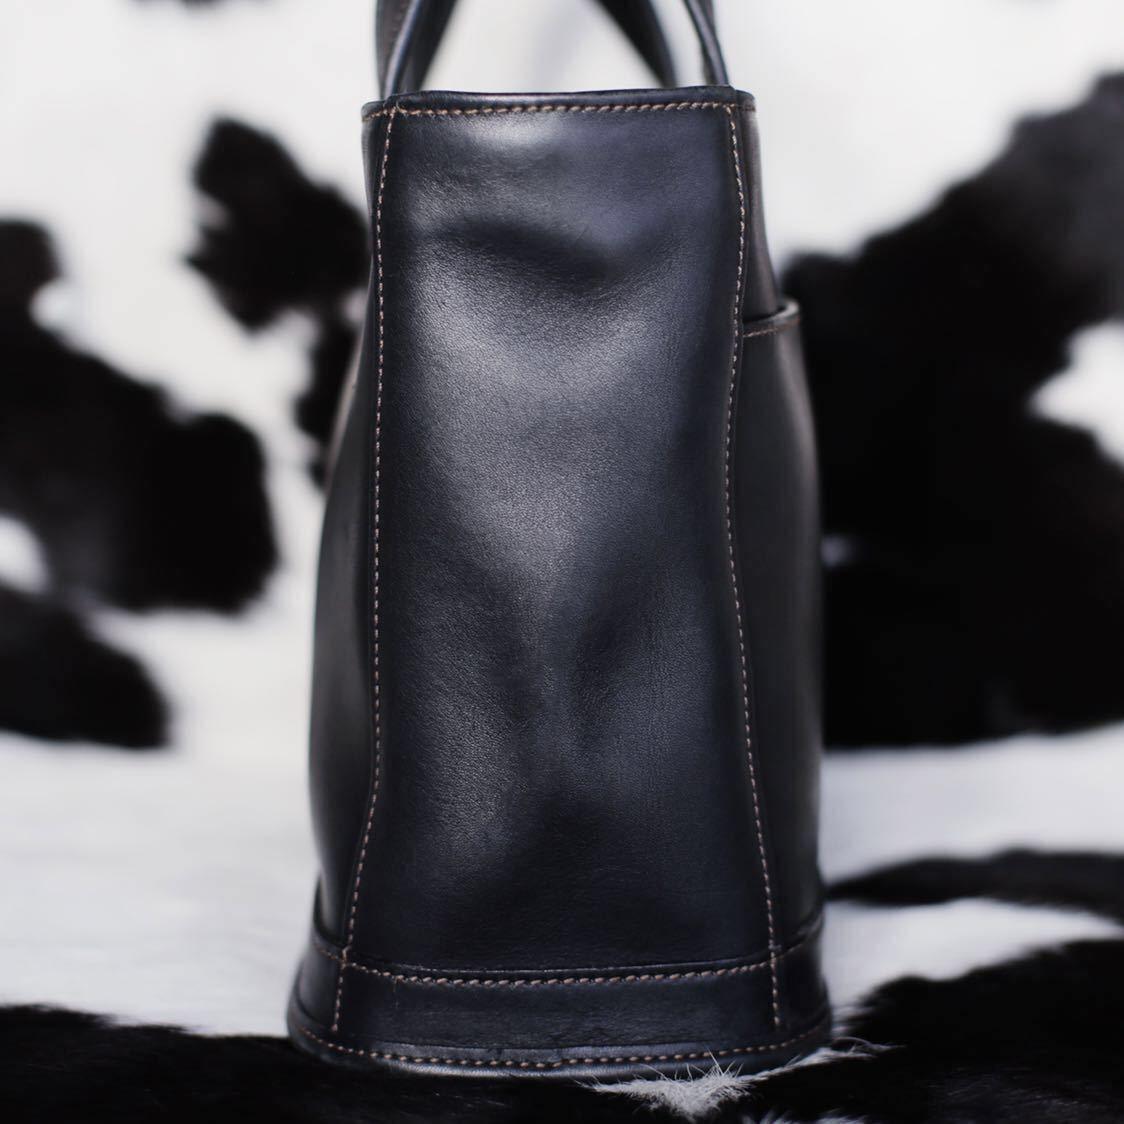 未使用品級 美品 コーチ COACH トートバッグ バッグ ビジネスバッグ 黒 ブラック レザー メンズバッグ 革 15万 オールドコーチ ビンテージ_画像4